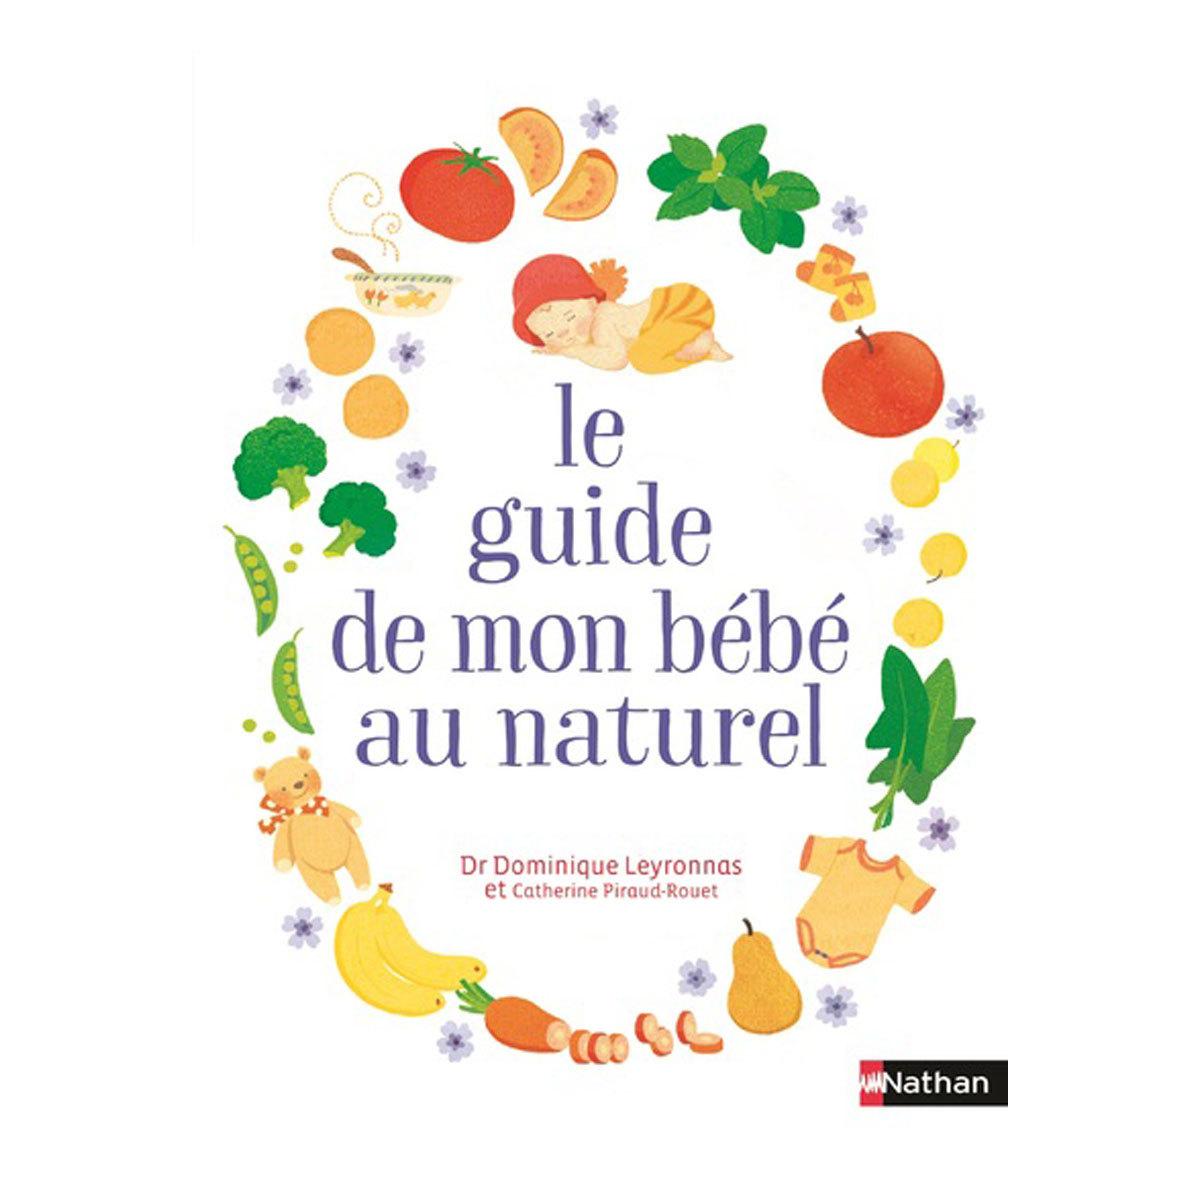 Livre & Carte Le guide de mon bébé au naturel Le guide de mon bébé au naturel